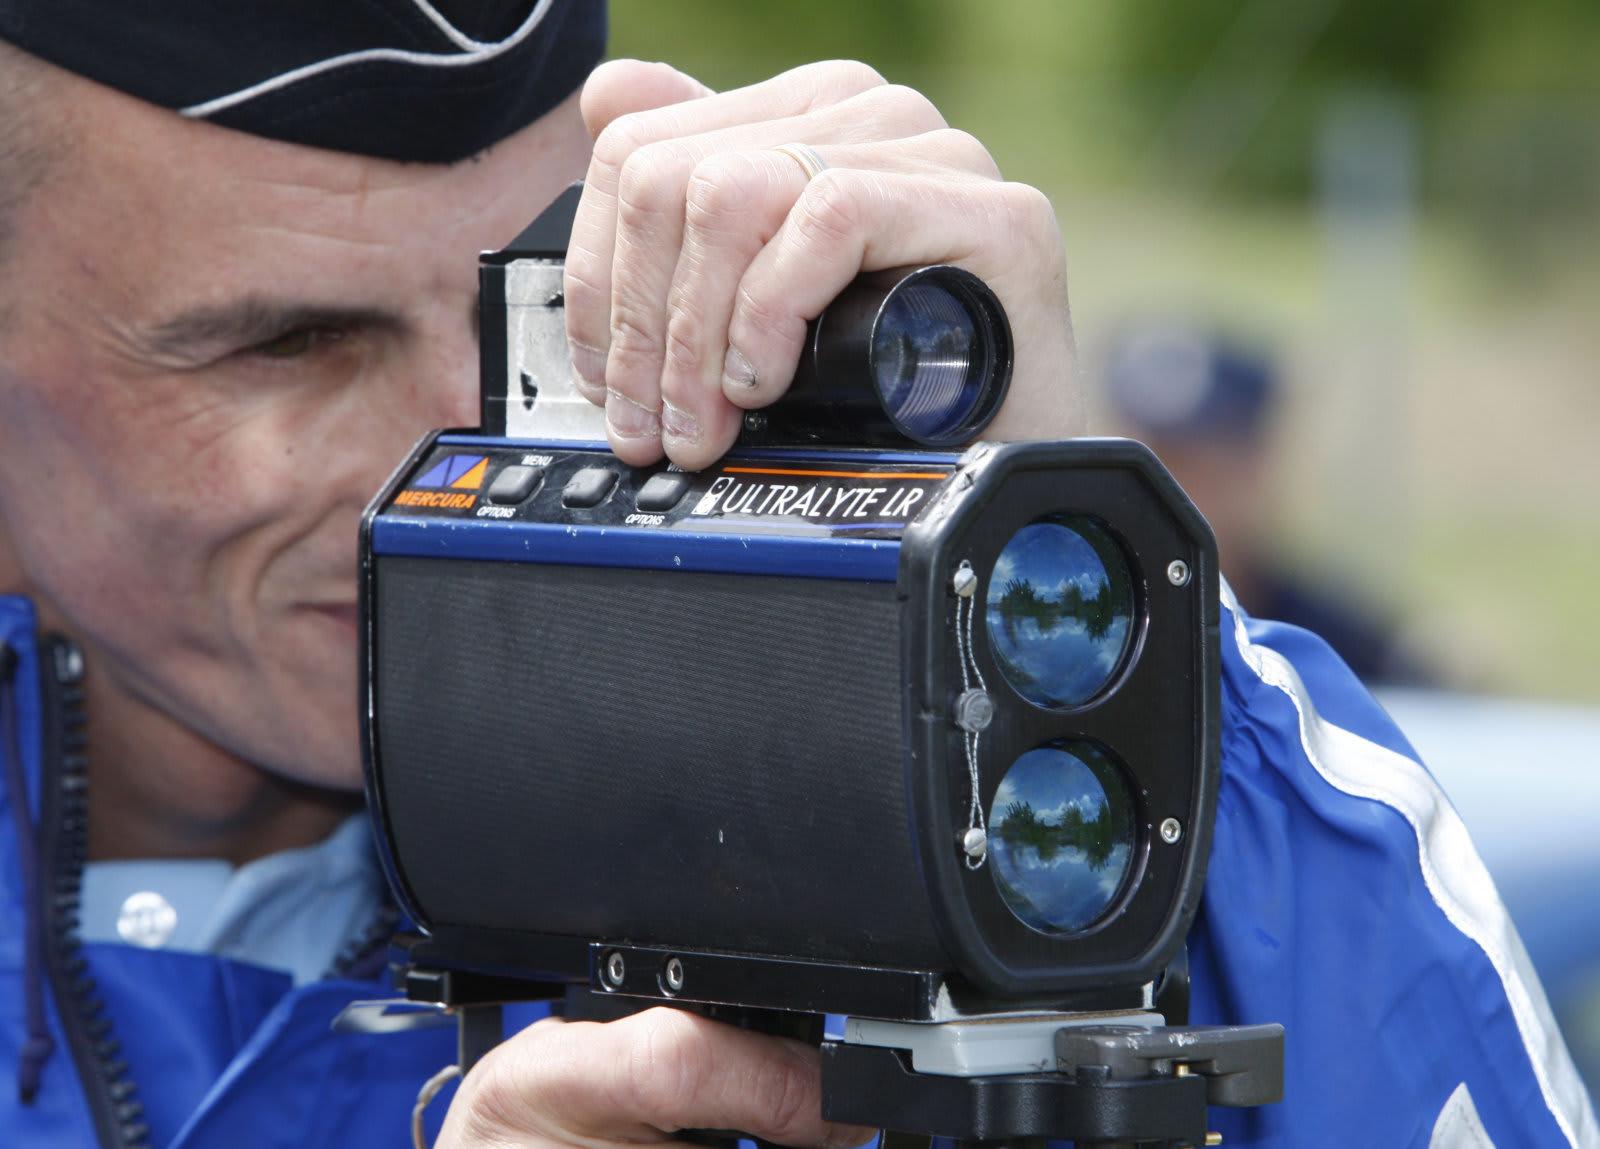 Regis Duvignau / Reuters